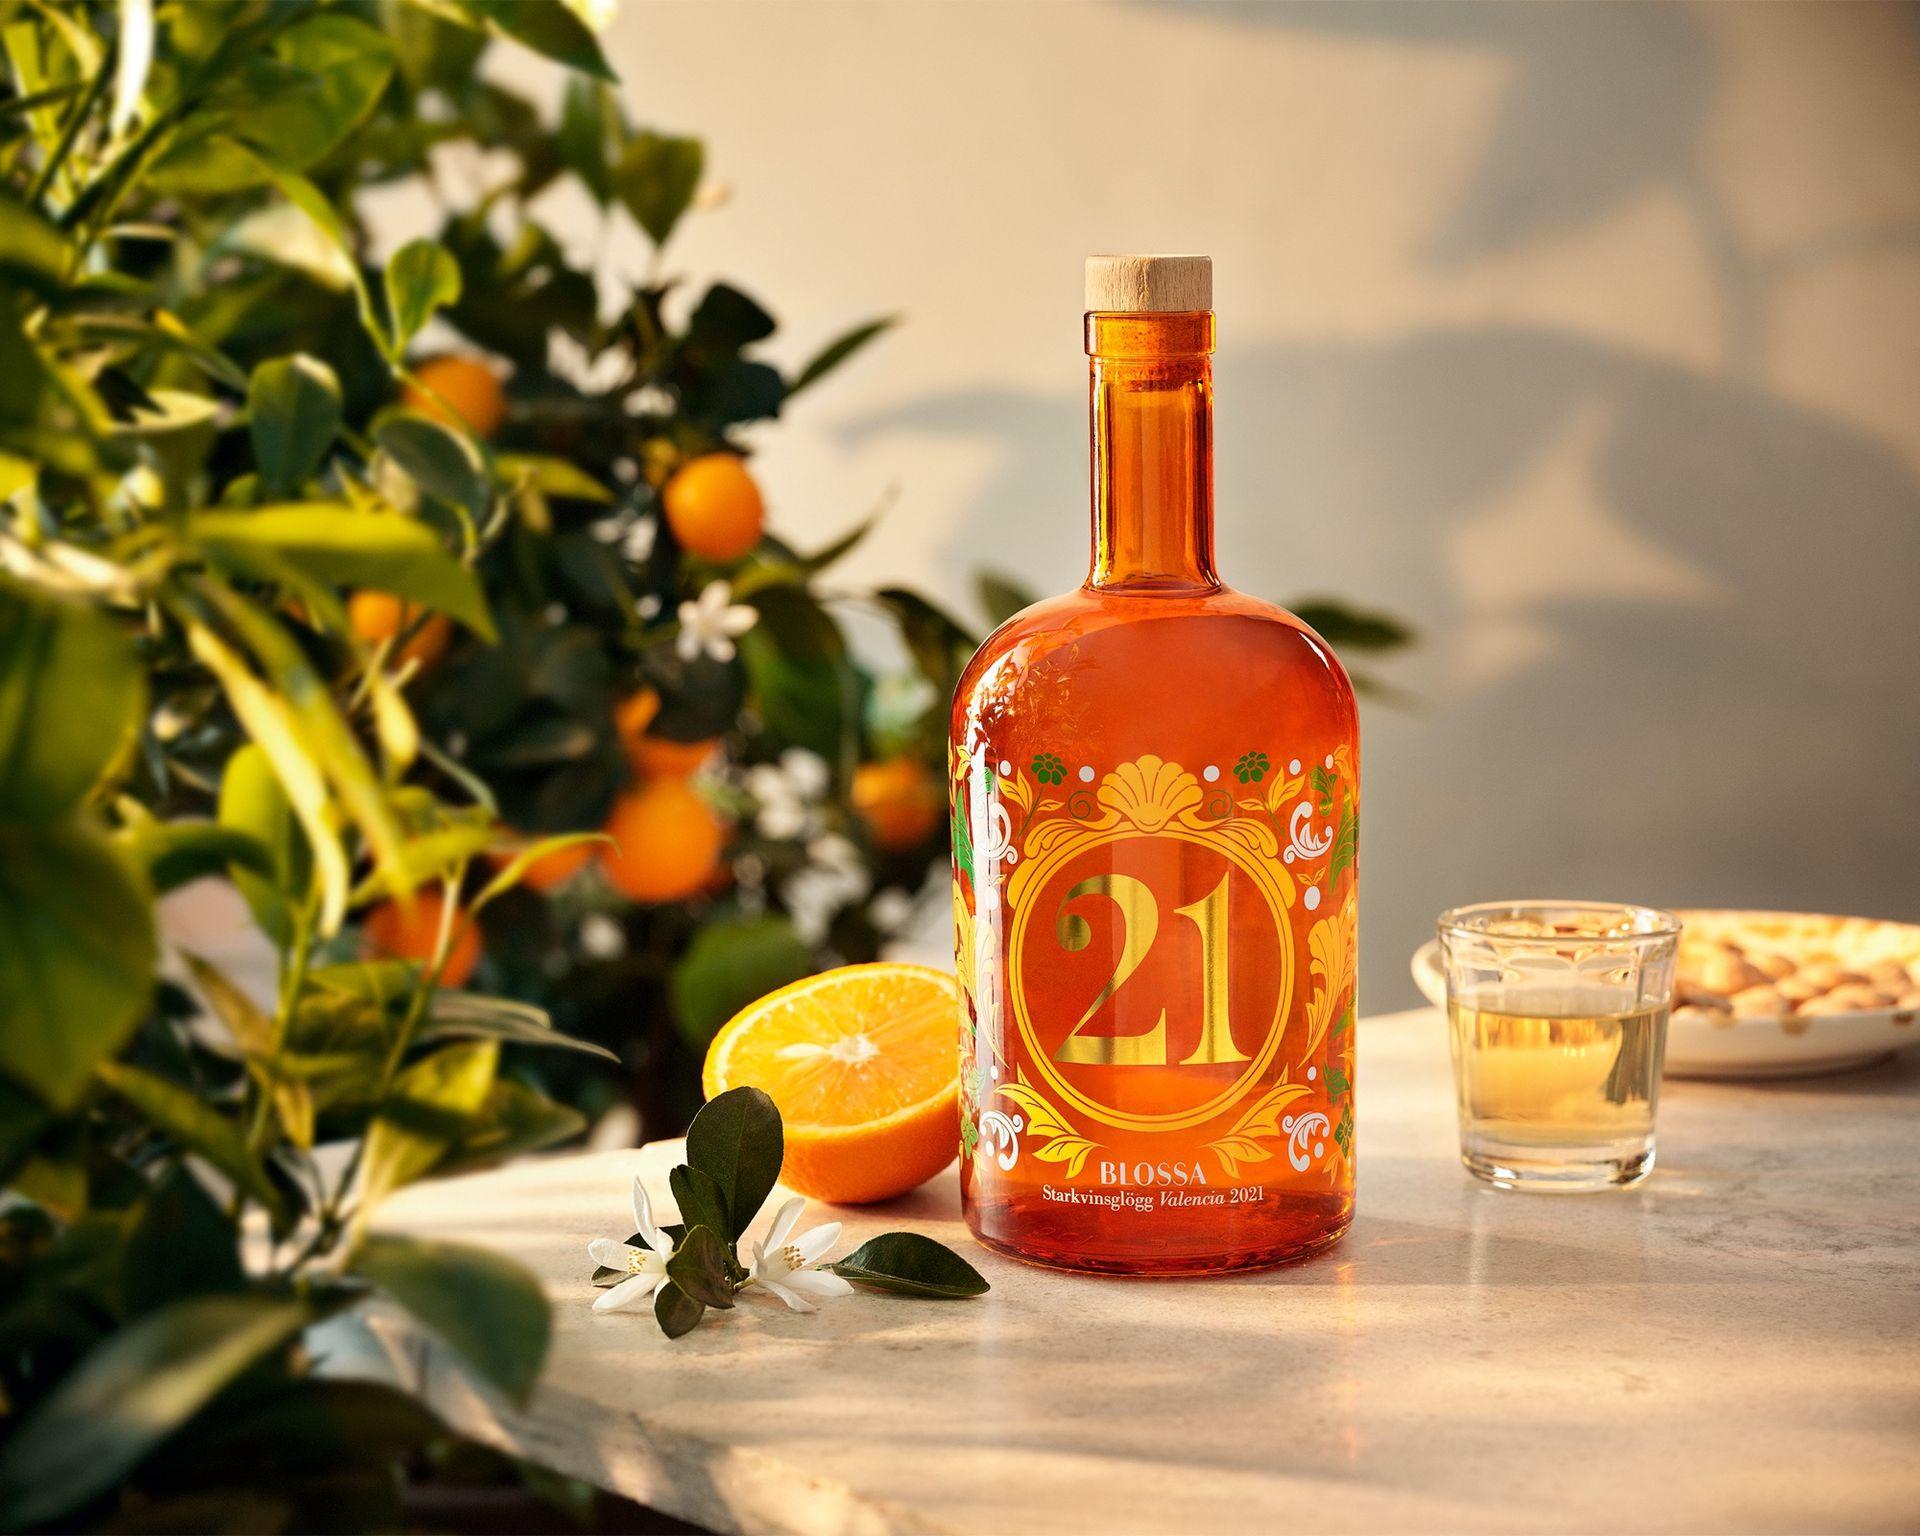 Årets Blossa-glögg har smak av apelsin